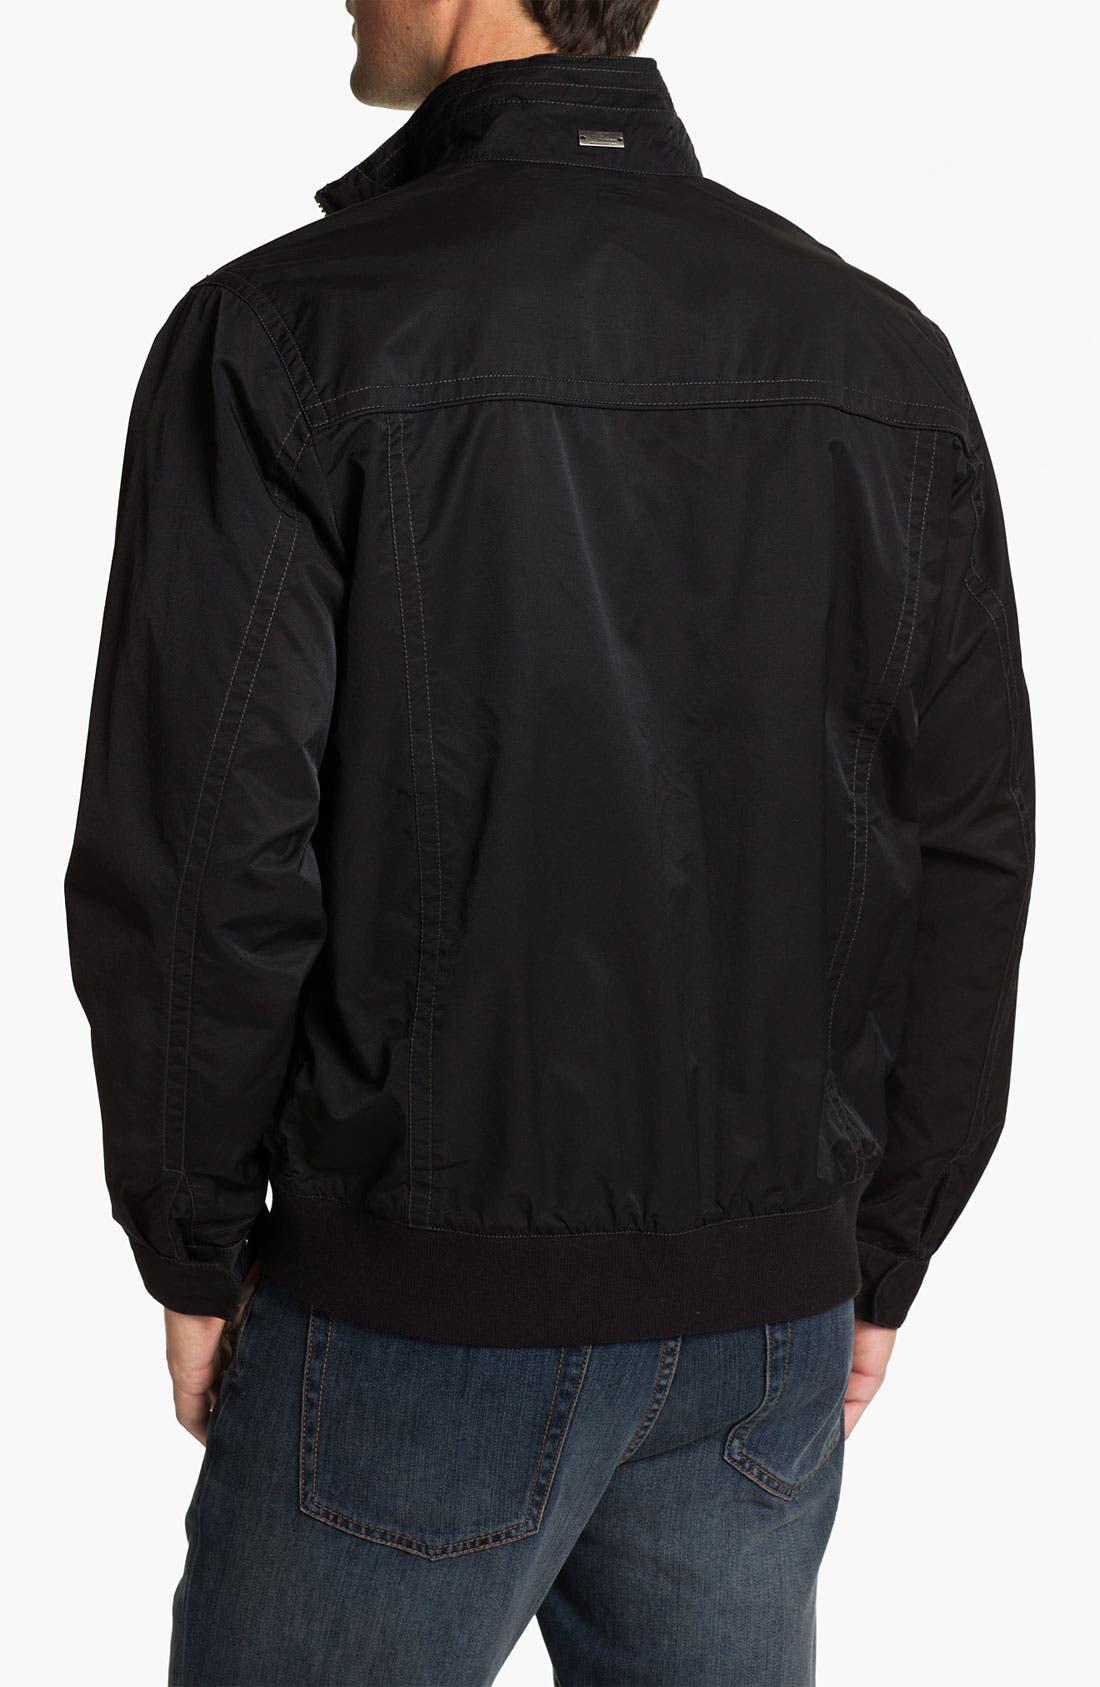 Alternate Image 2  - Tommy Bahama 'Eisenhower' Jacket (Big & Tall)